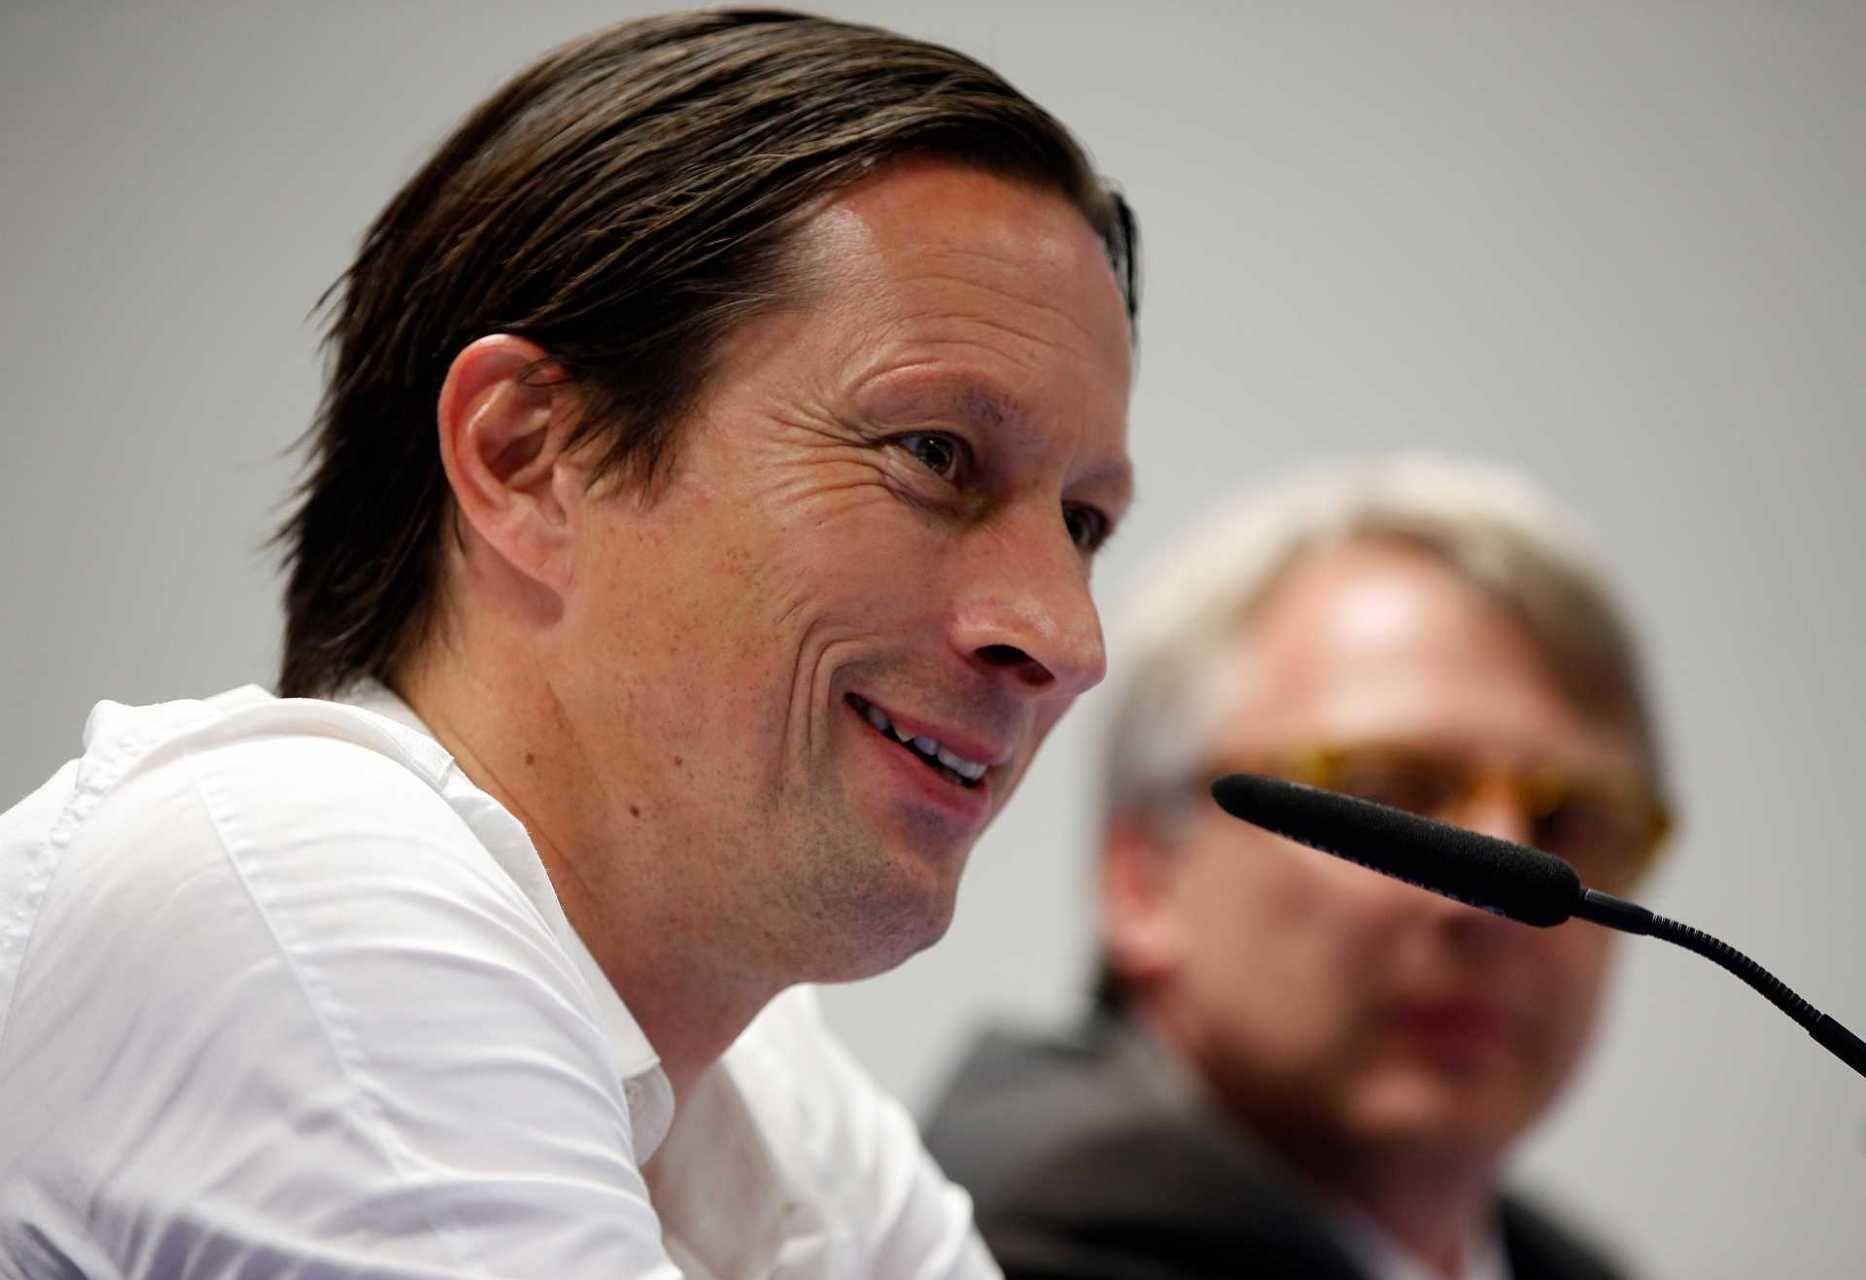 Roger Schmidt, ein guter Trainer und Mensch. Ein Gastbeitrag von Maxi Paluch.